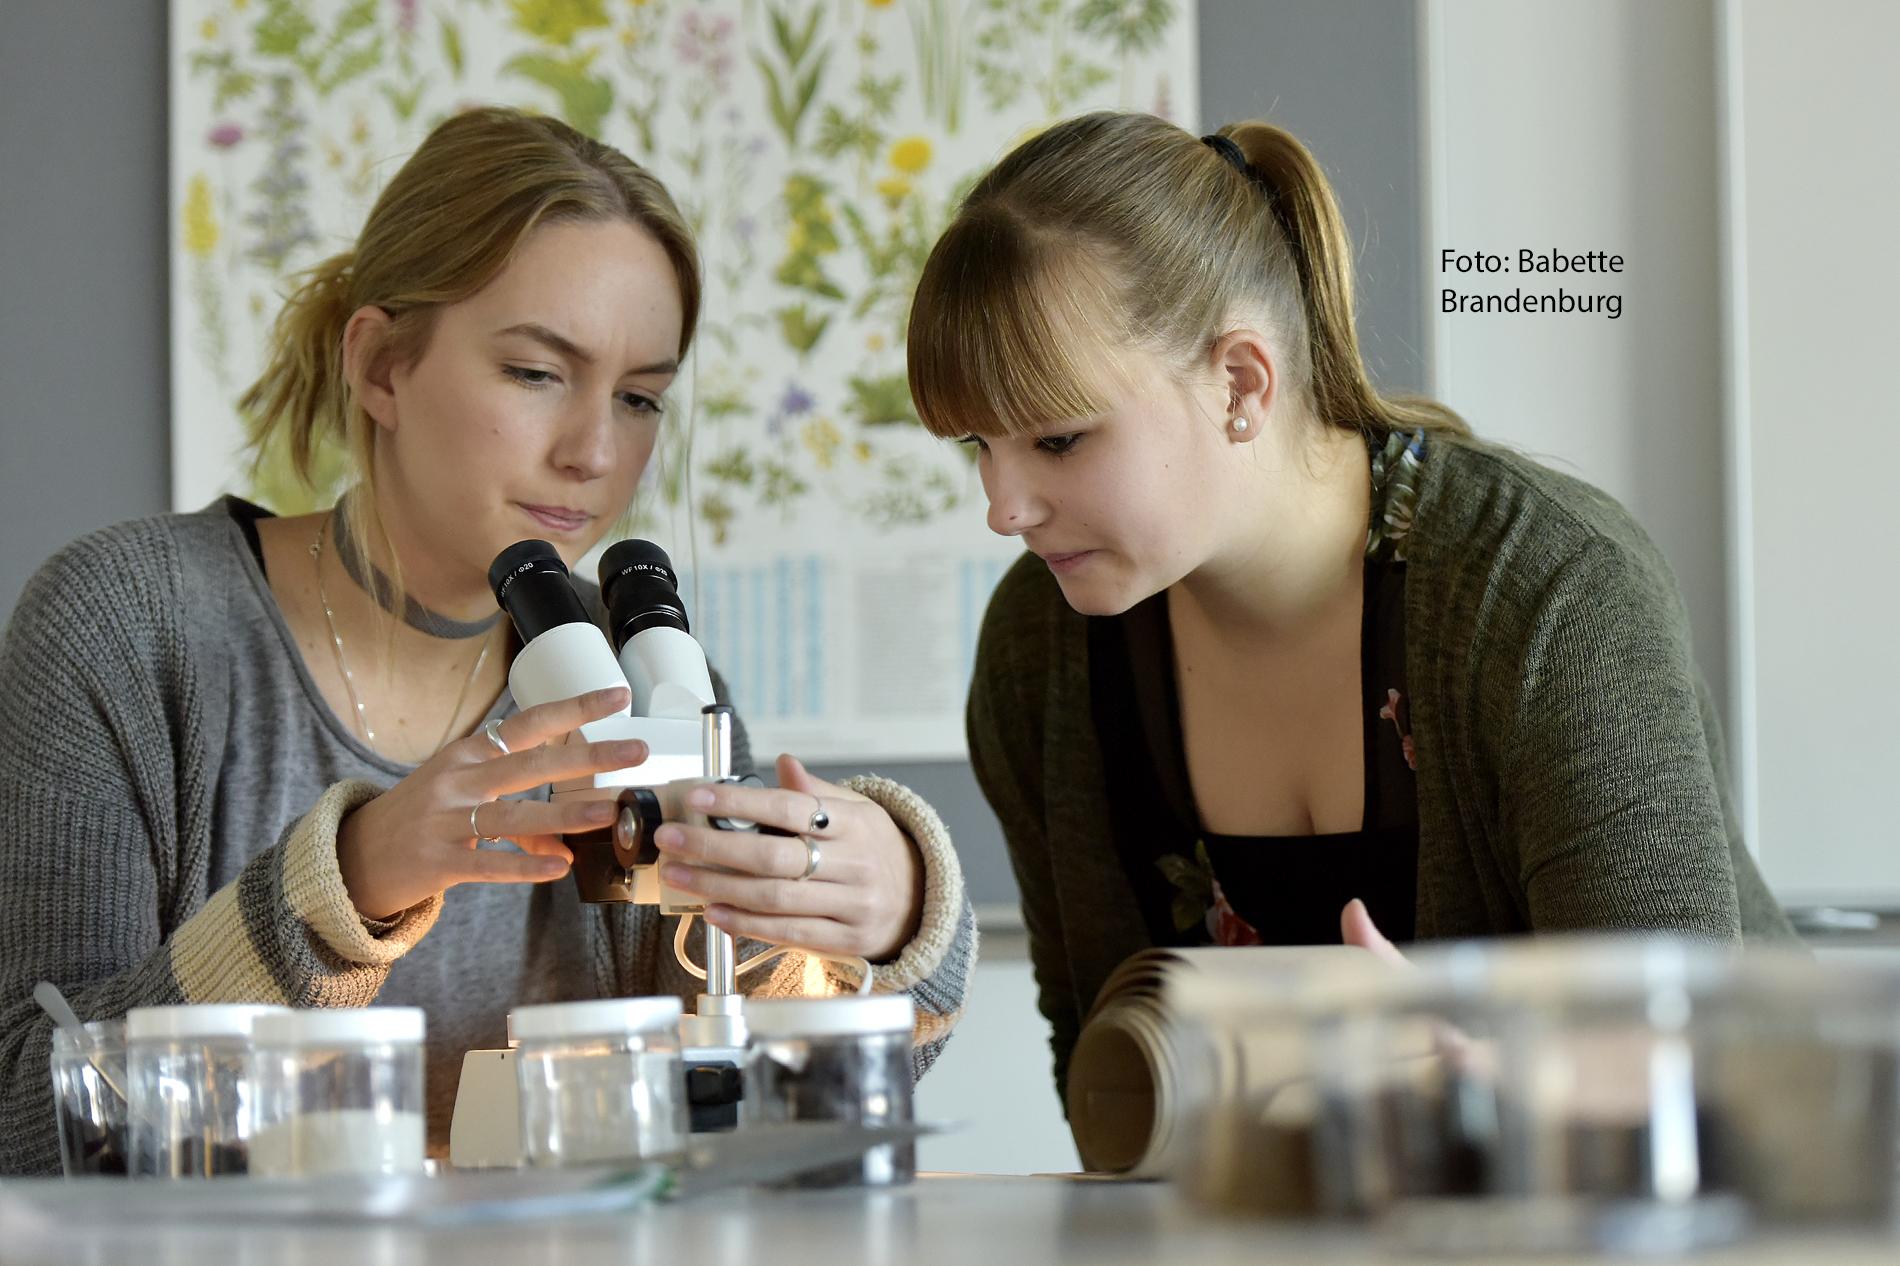 Das Bild zeigt 2 sitzende junge Frauen an einem Mikroskop